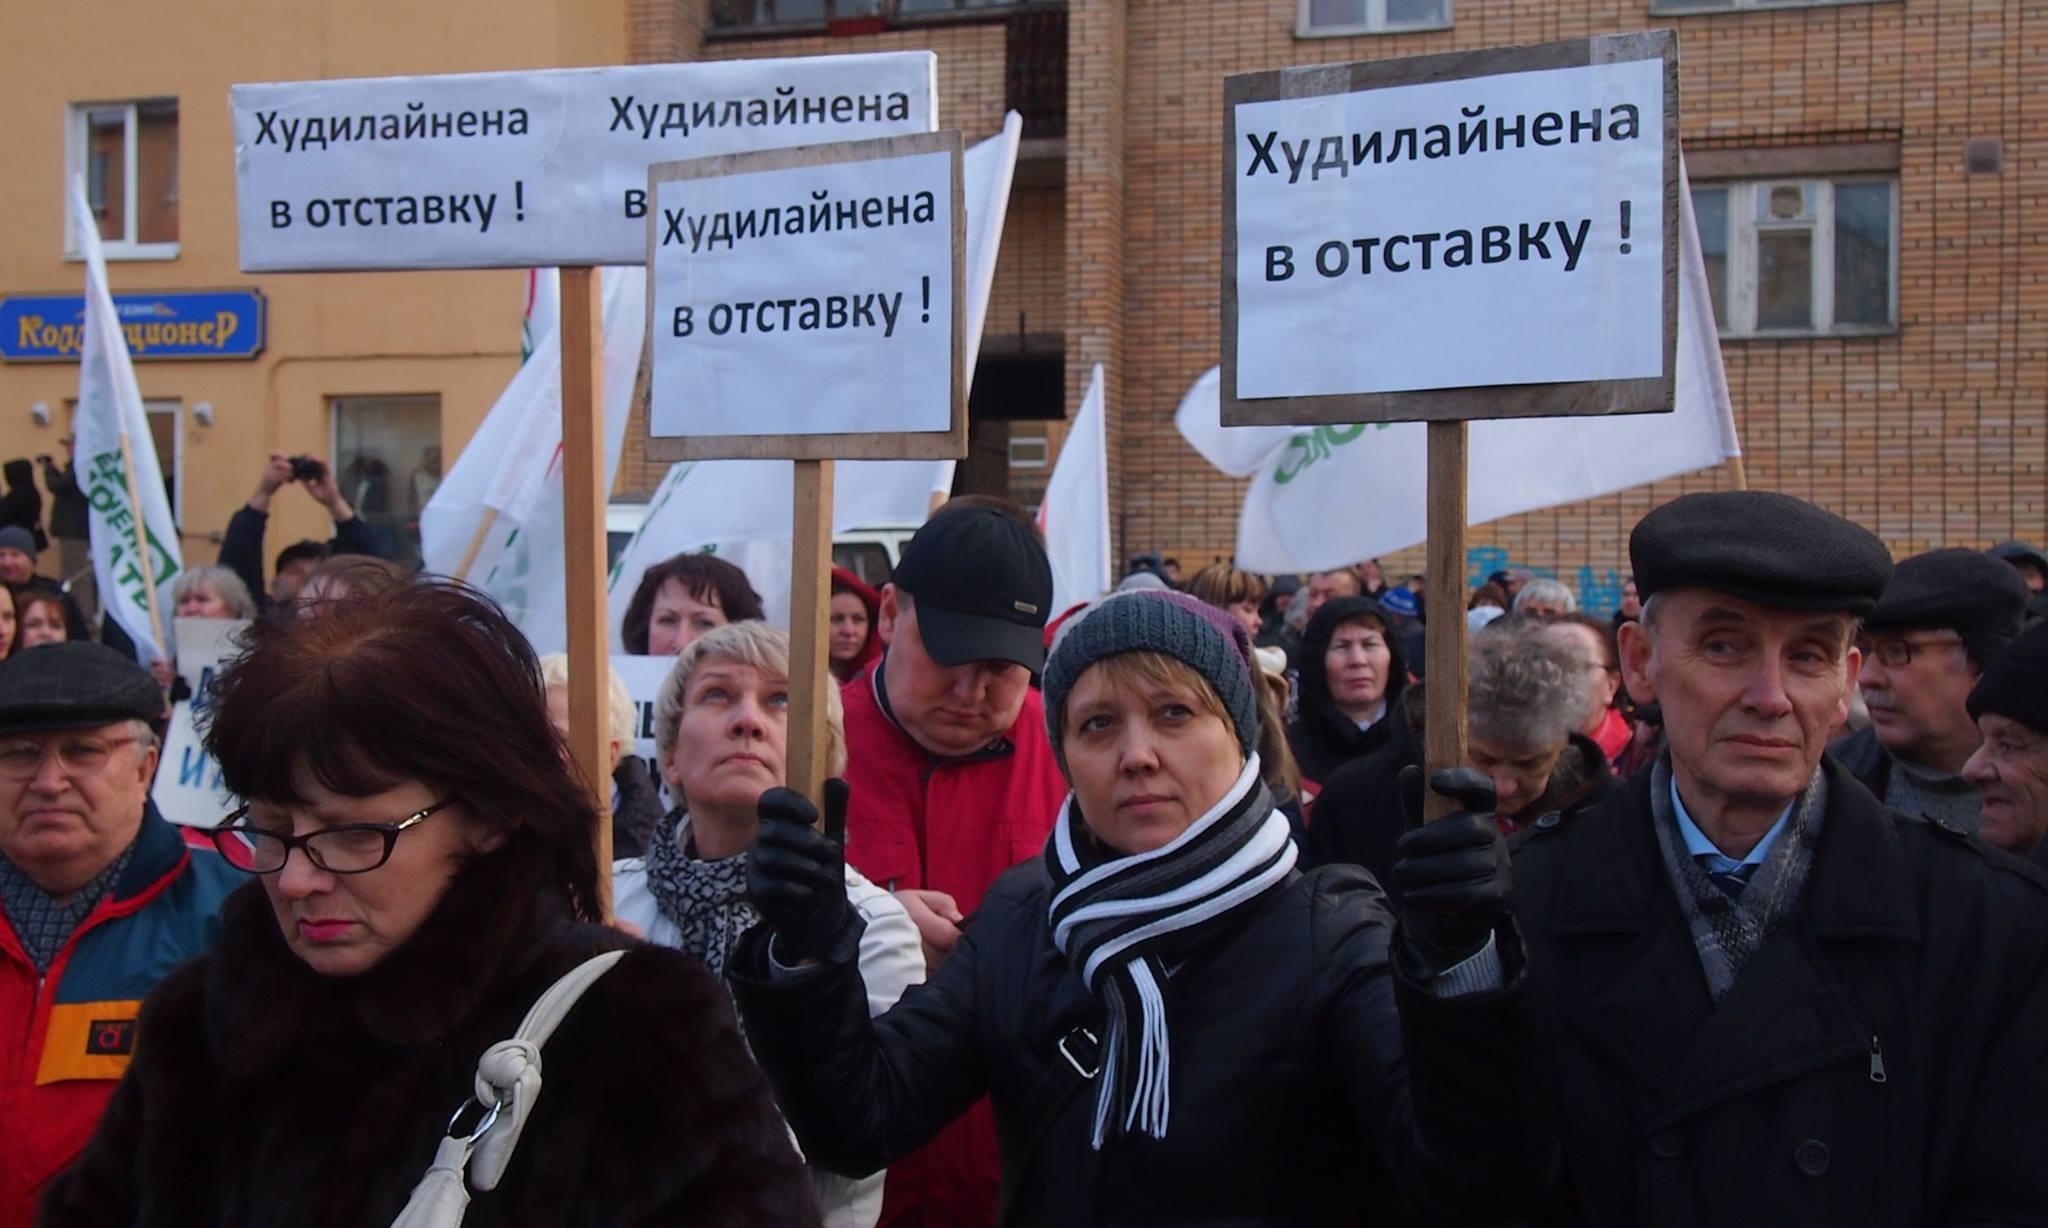 Кампания за отставку Худилайнена объединила самых разных жителей республики. Фото: Валерий Поташов